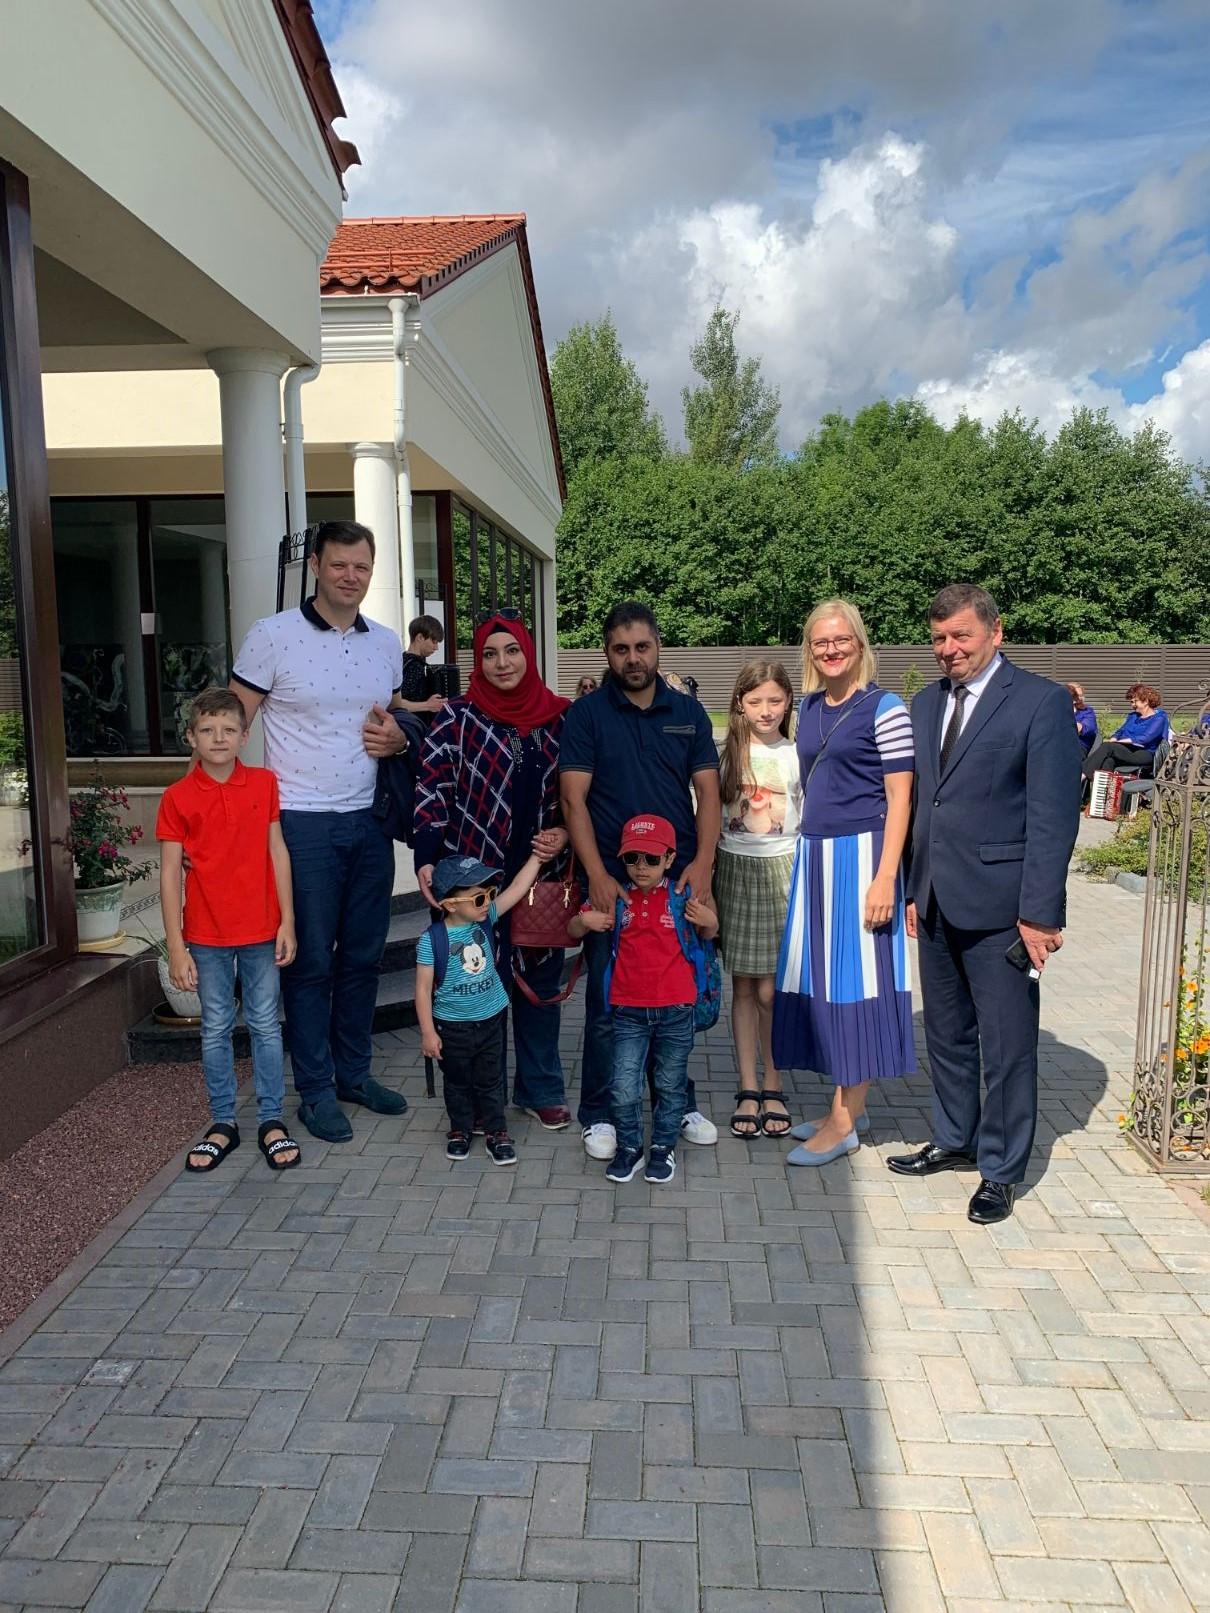 Kaip sekasi Kėdainių rajone prieš kelerius metus įsikūrusiai pabėgėlių šeimai iš Sirijos, domėjosi rajono meras Valentinas Tamulis ir vicemeras Paulius Aukštikalnis su žmona Giedre. Organizatorių nuotr.